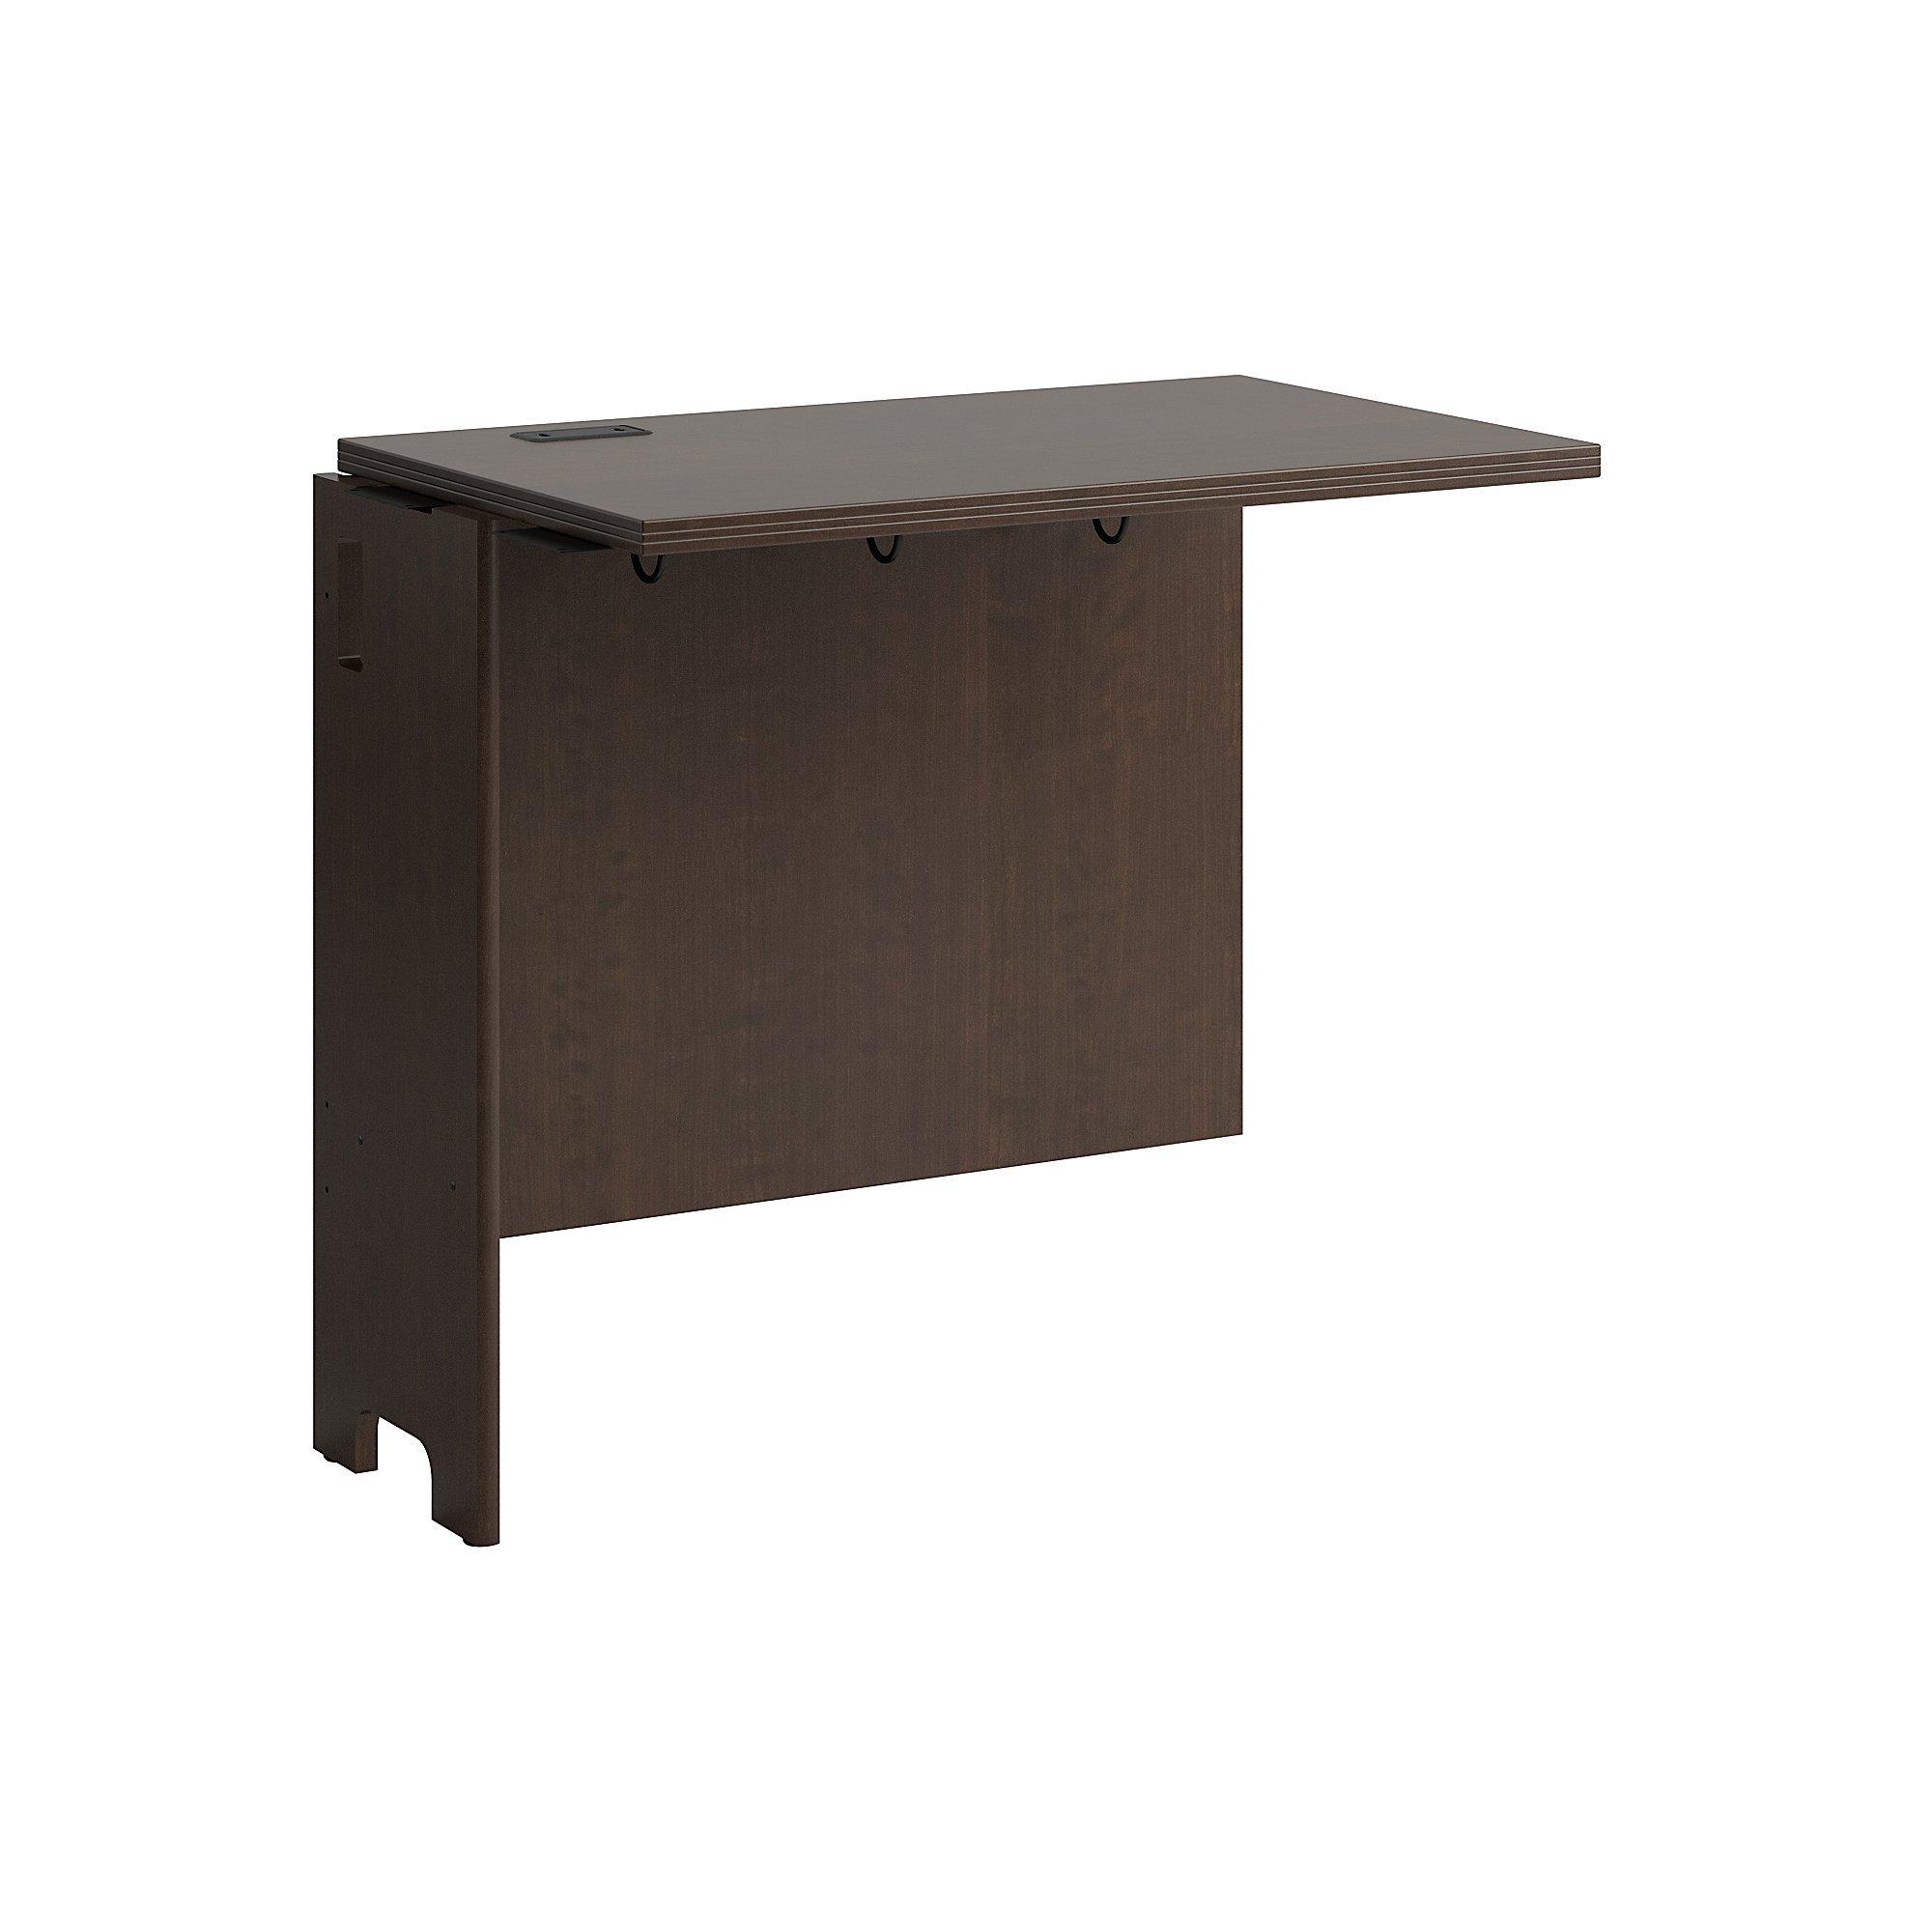 Bush Furniture Envoy 32W Desk Return in Mocha Cherry by Bush Furniture